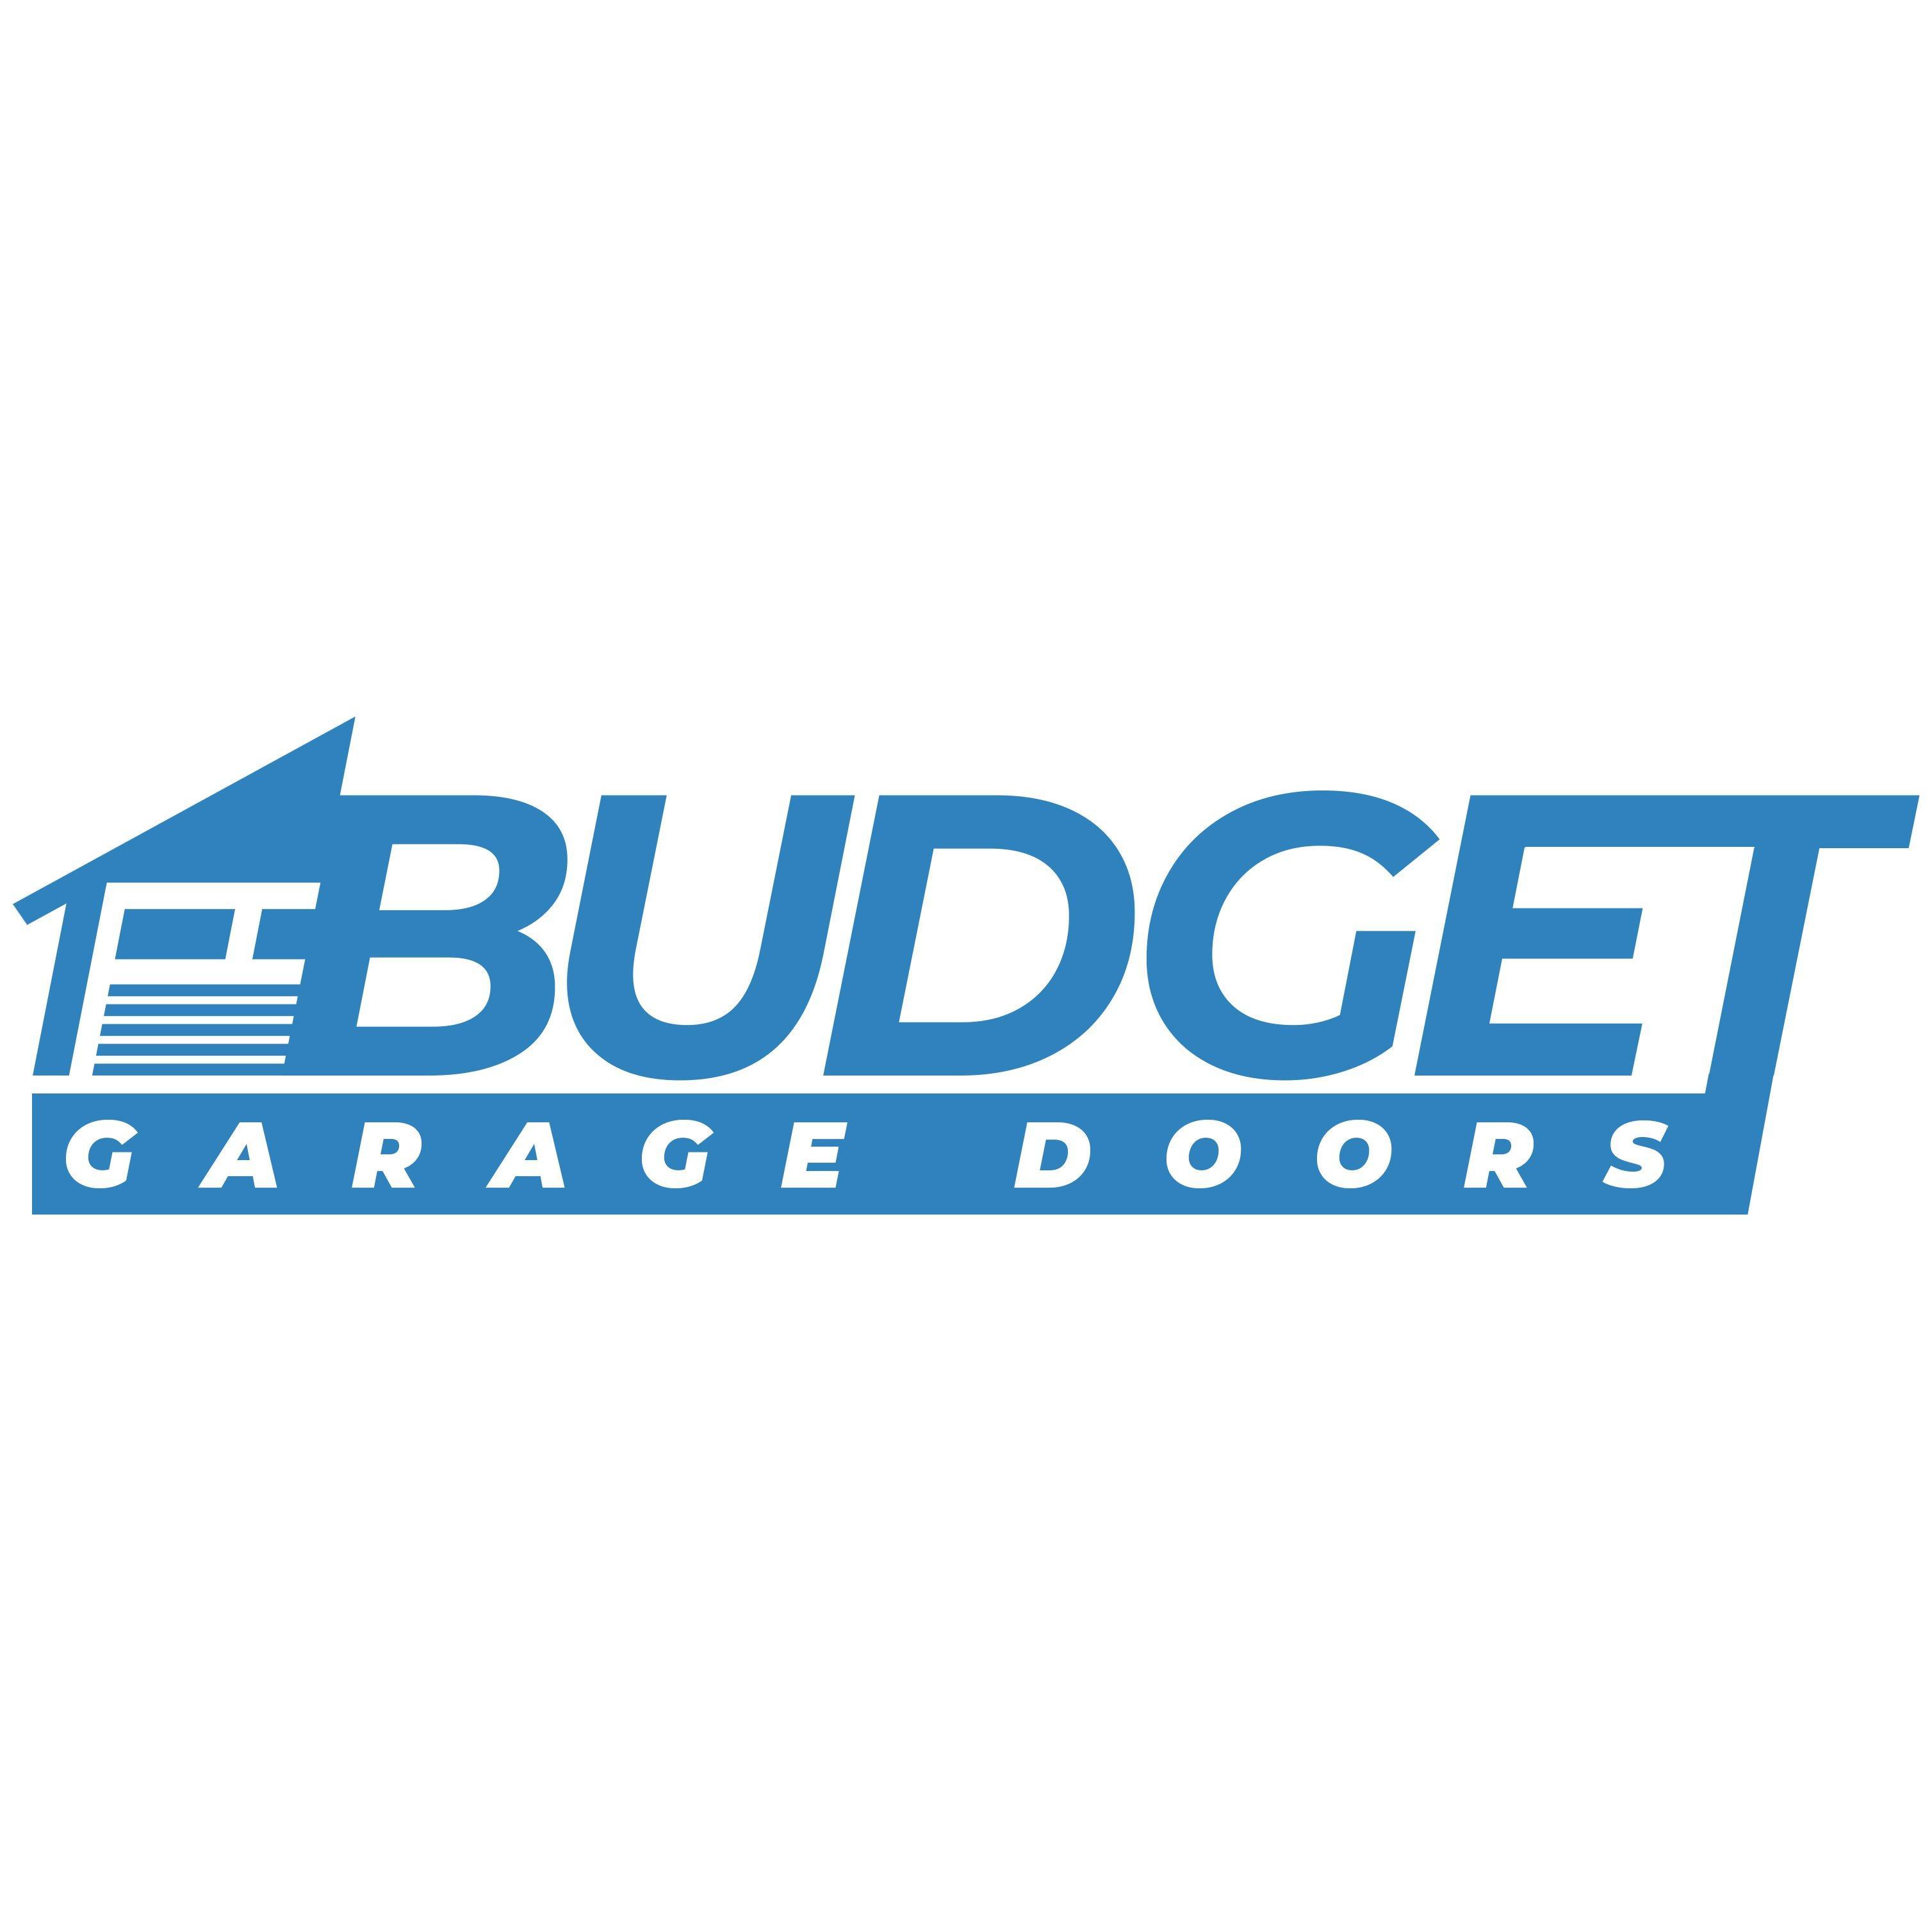 Budget Garage Doors image 5